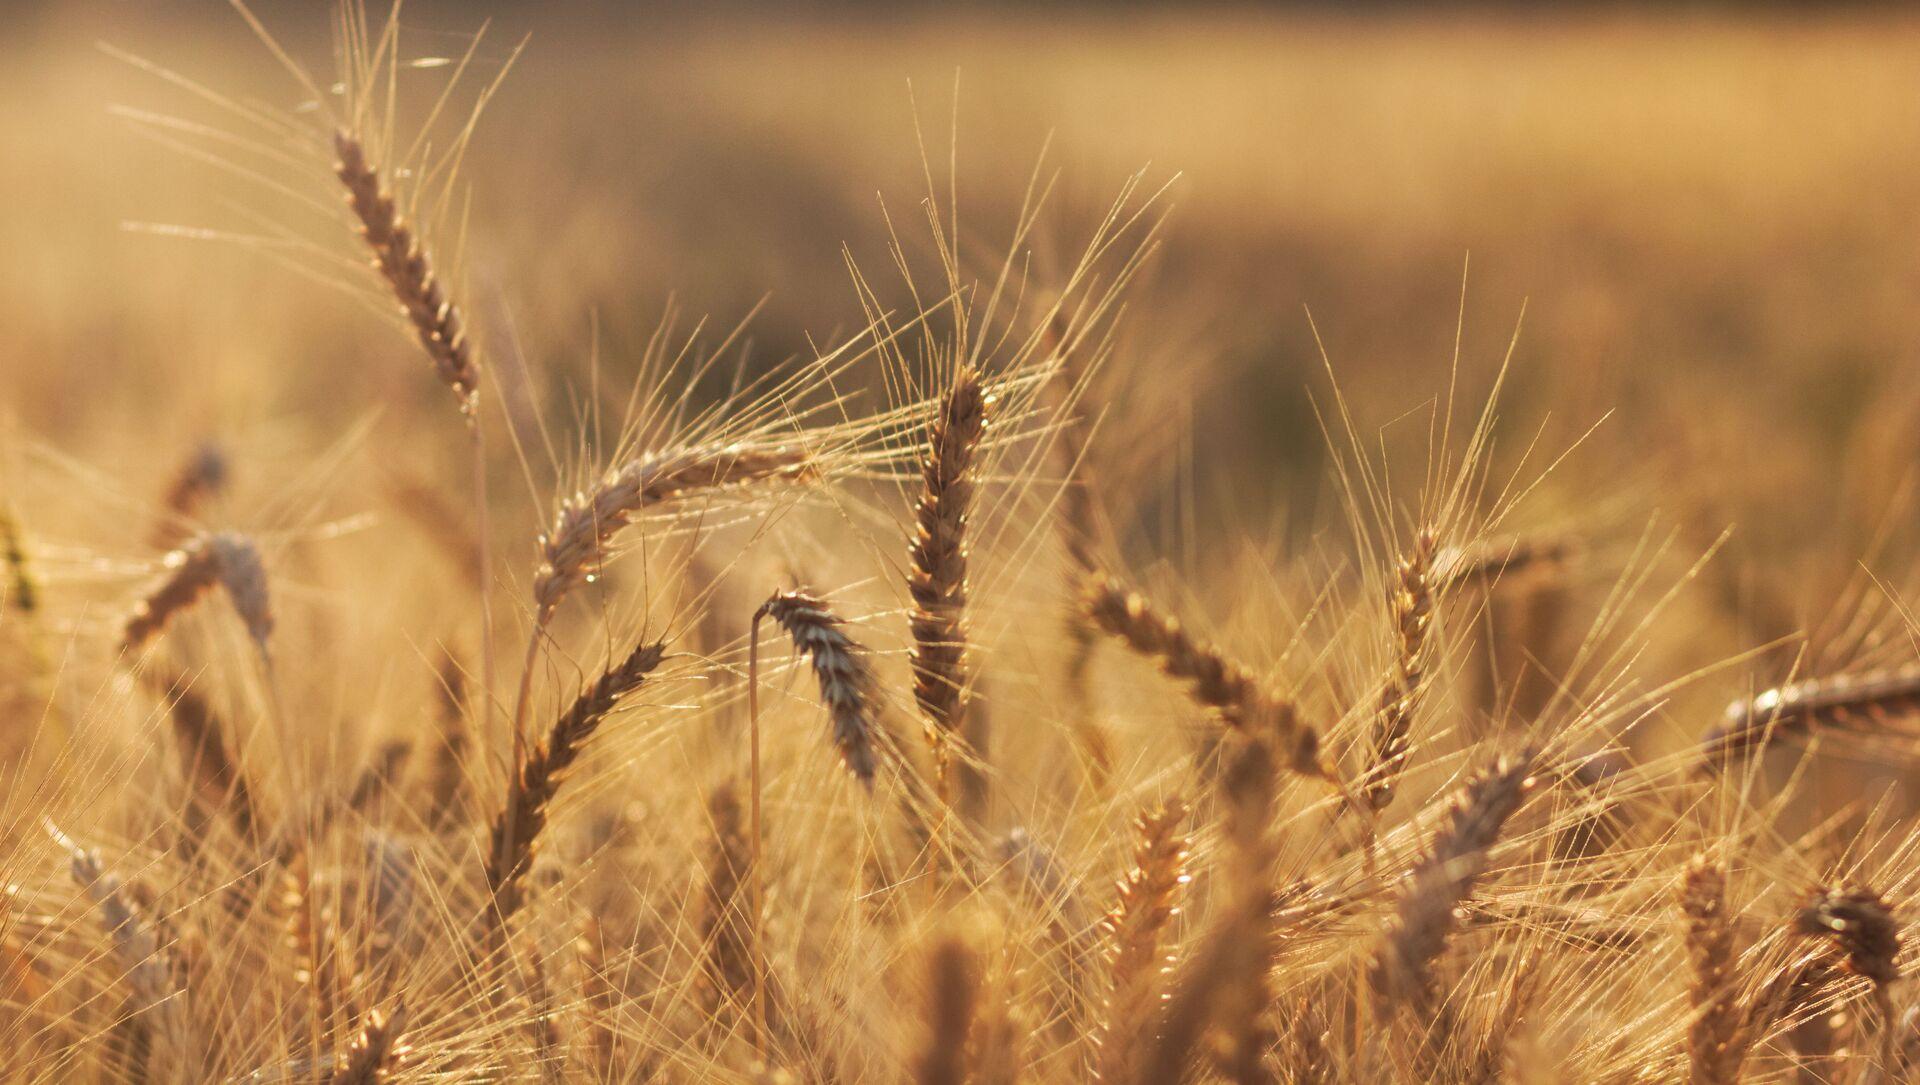 Un champ de blé (image d'illustration) - Sputnik France, 1920, 03.03.2021